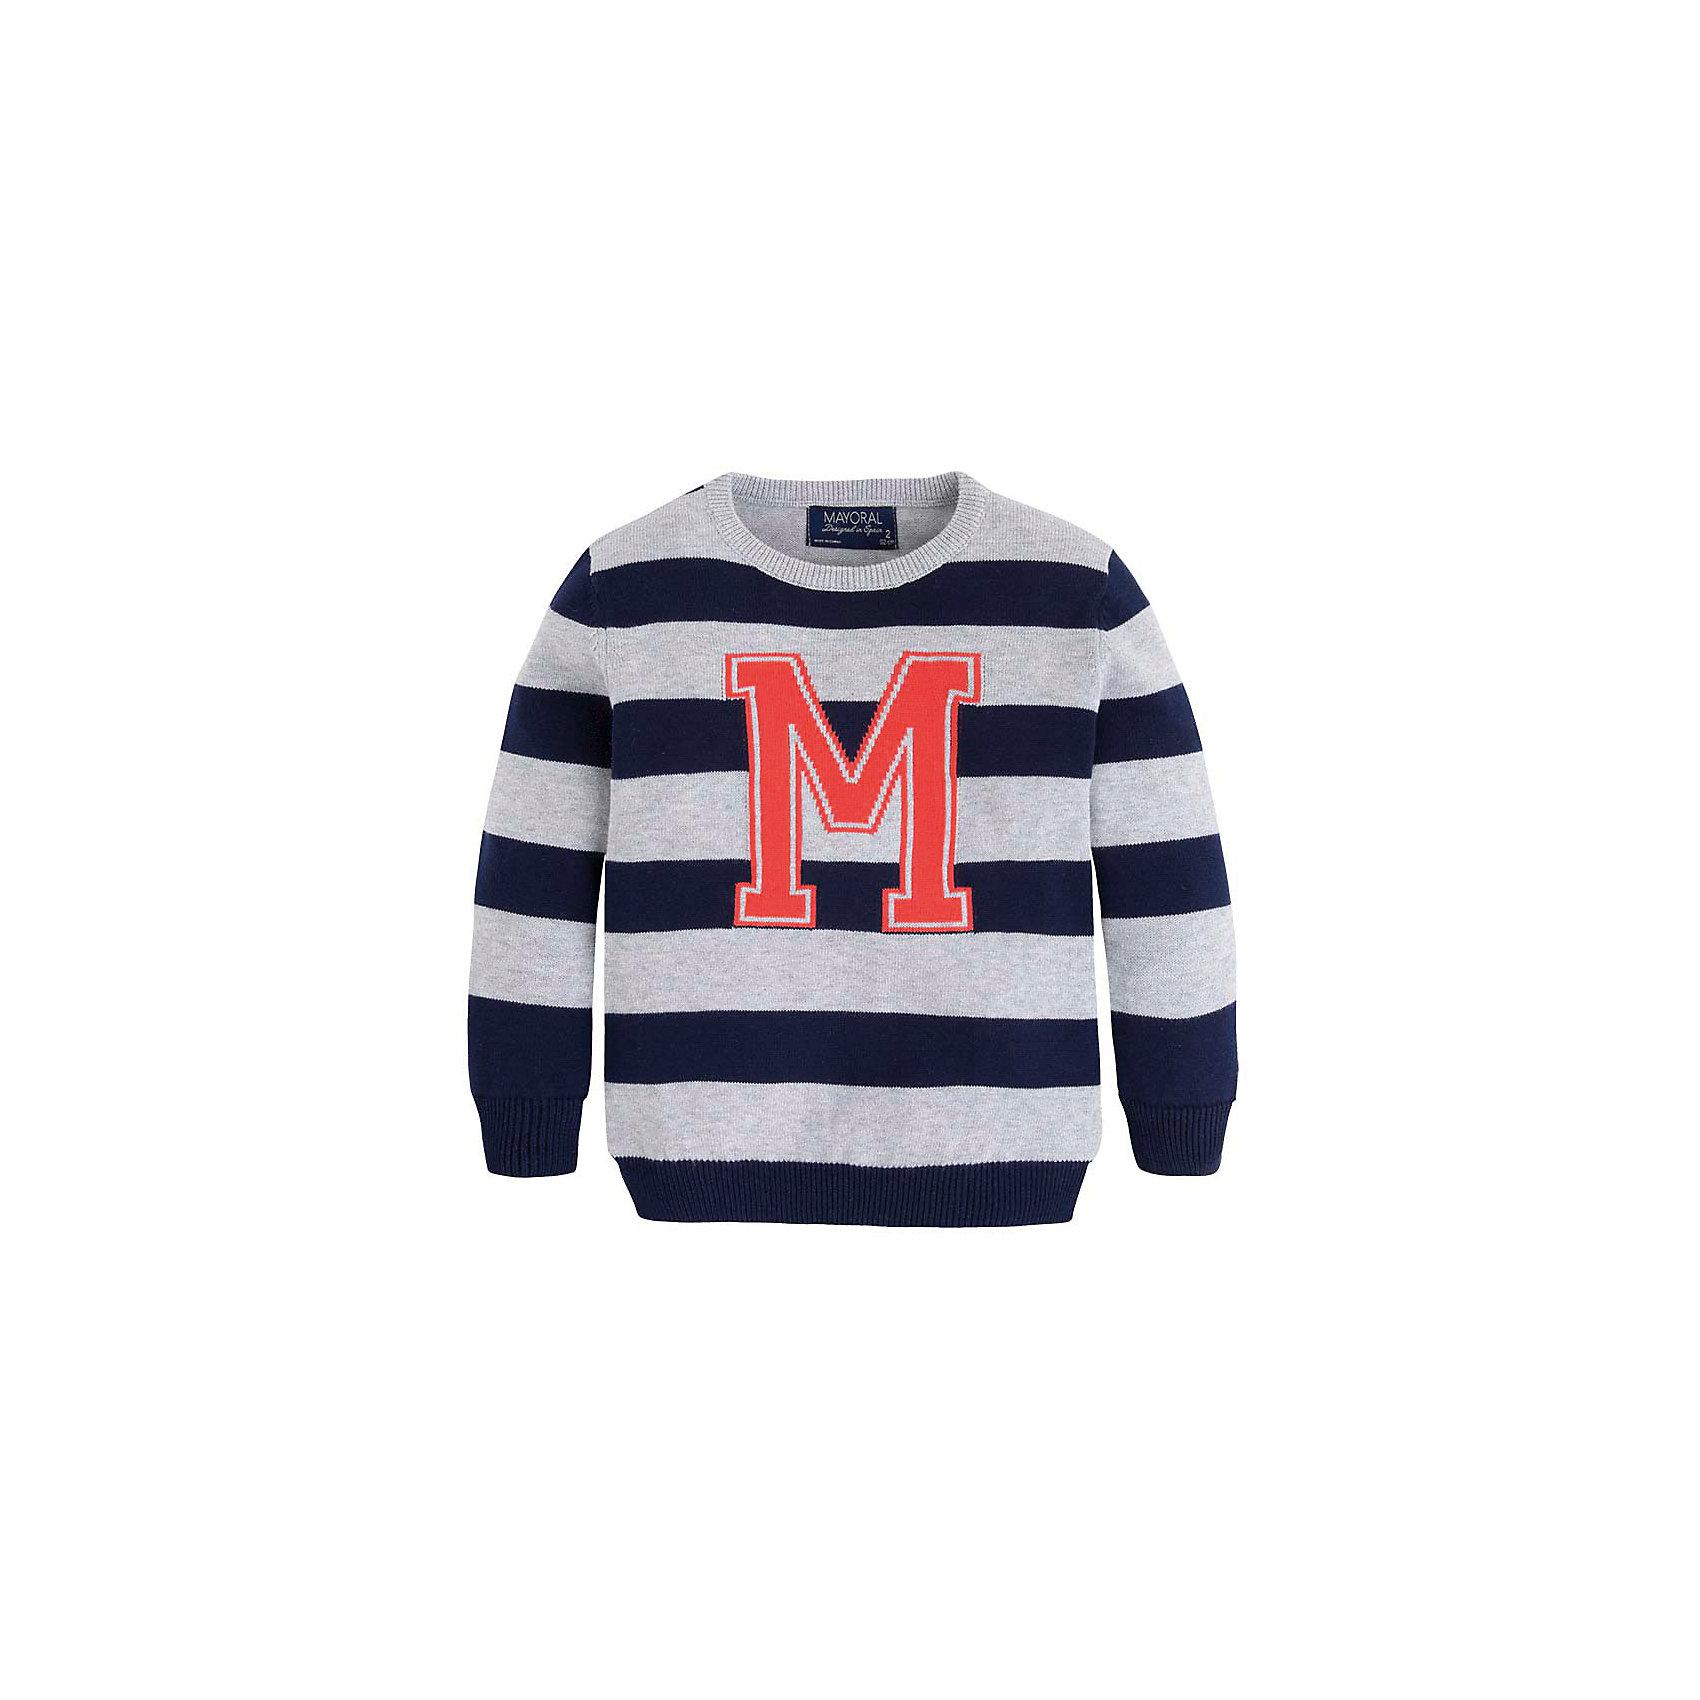 Свитер для мальчика MayoralСвитер для мальчика от известной испанской марки Mayoral <br><br>Модный свитер от Mayoral актуален в прохладную погоду. Он прекрасно сочетается с джинсами и брюками.  Модель выполнена из качественных материалов, отлично садится по фигуре.<br><br>Особенности модели:<br><br>- цвет: синий;<br>- рукава длинные;<br>- принт -  буква М;<br>- низ и конец рукавов - резинки;<br>- натуральный материал.<br><br>Дополнительная информация:<br><br>Состав: 100% хлопок<br><br>Свитер для мальчика Mayoral (Майорал) можно купить в нашем магазине.<br><br>Ширина мм: 190<br>Глубина мм: 74<br>Высота мм: 229<br>Вес г: 236<br>Цвет: синий<br>Возраст от месяцев: 18<br>Возраст до месяцев: 24<br>Пол: Мужской<br>Возраст: Детский<br>Размер: 92,104,116,122,134,128,98,110<br>SKU: 4542033